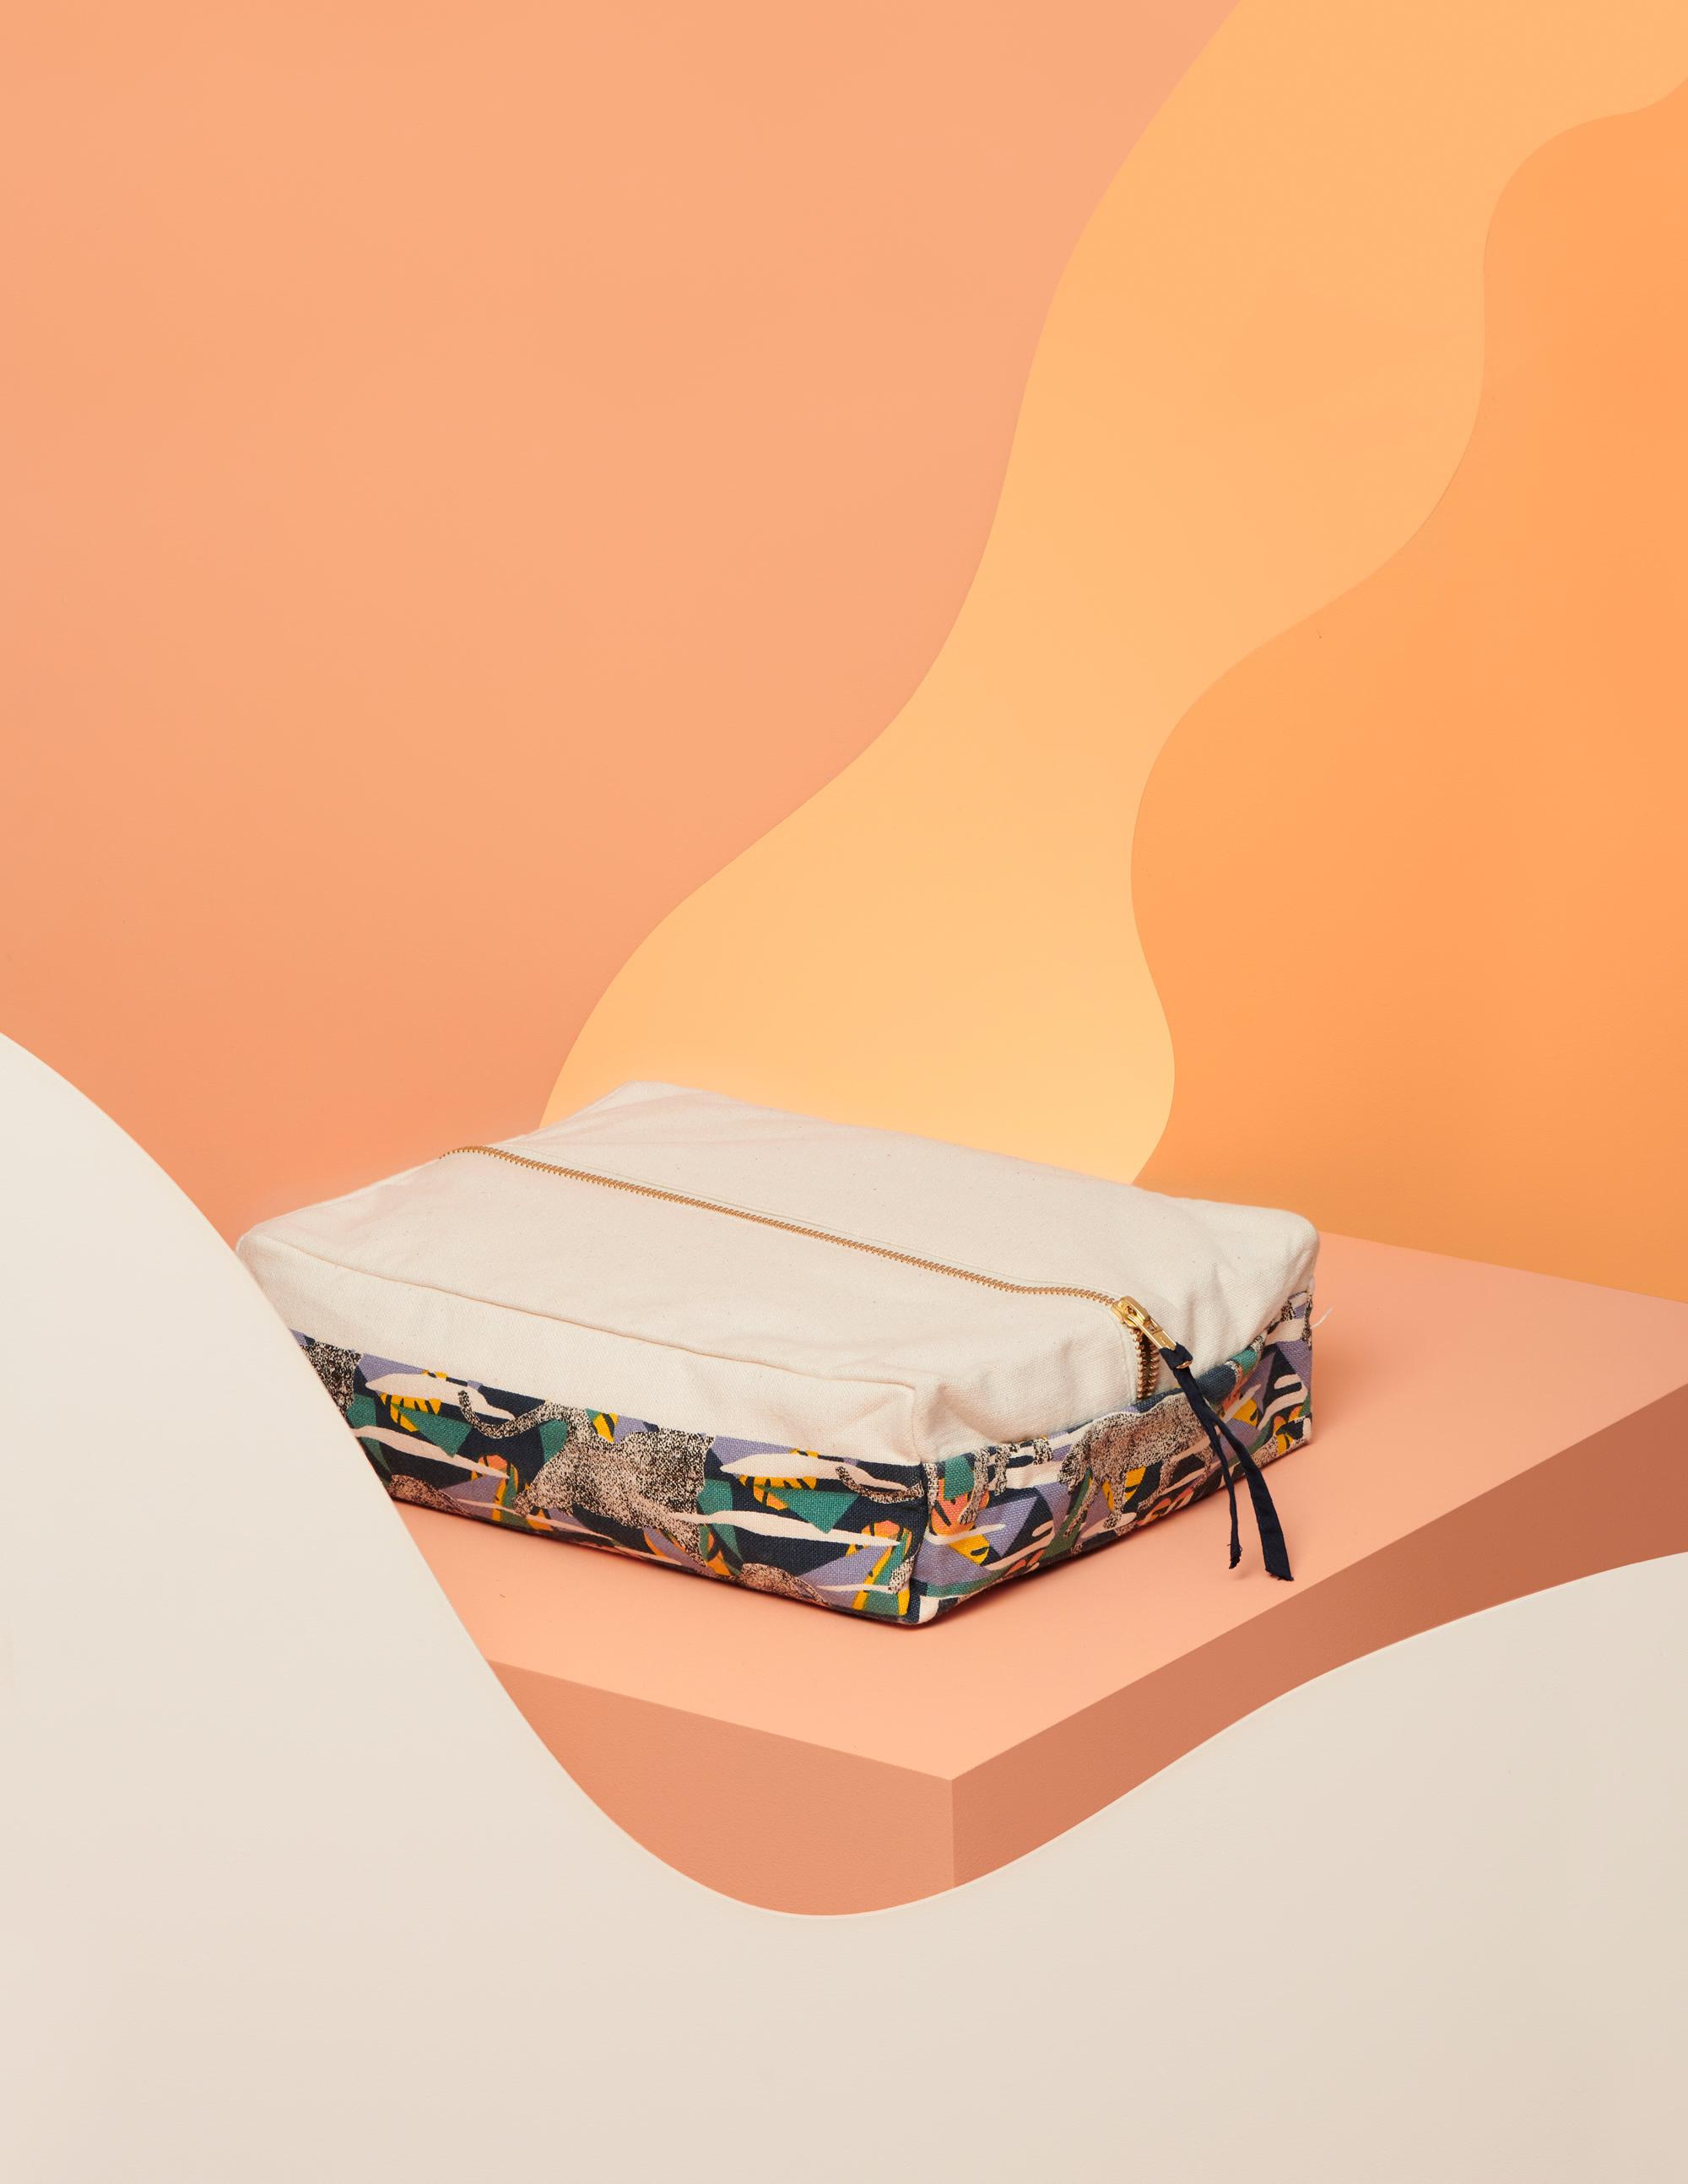 pochette de rangement pour serviettes hygiéniques lavables en coton bio motif léopard